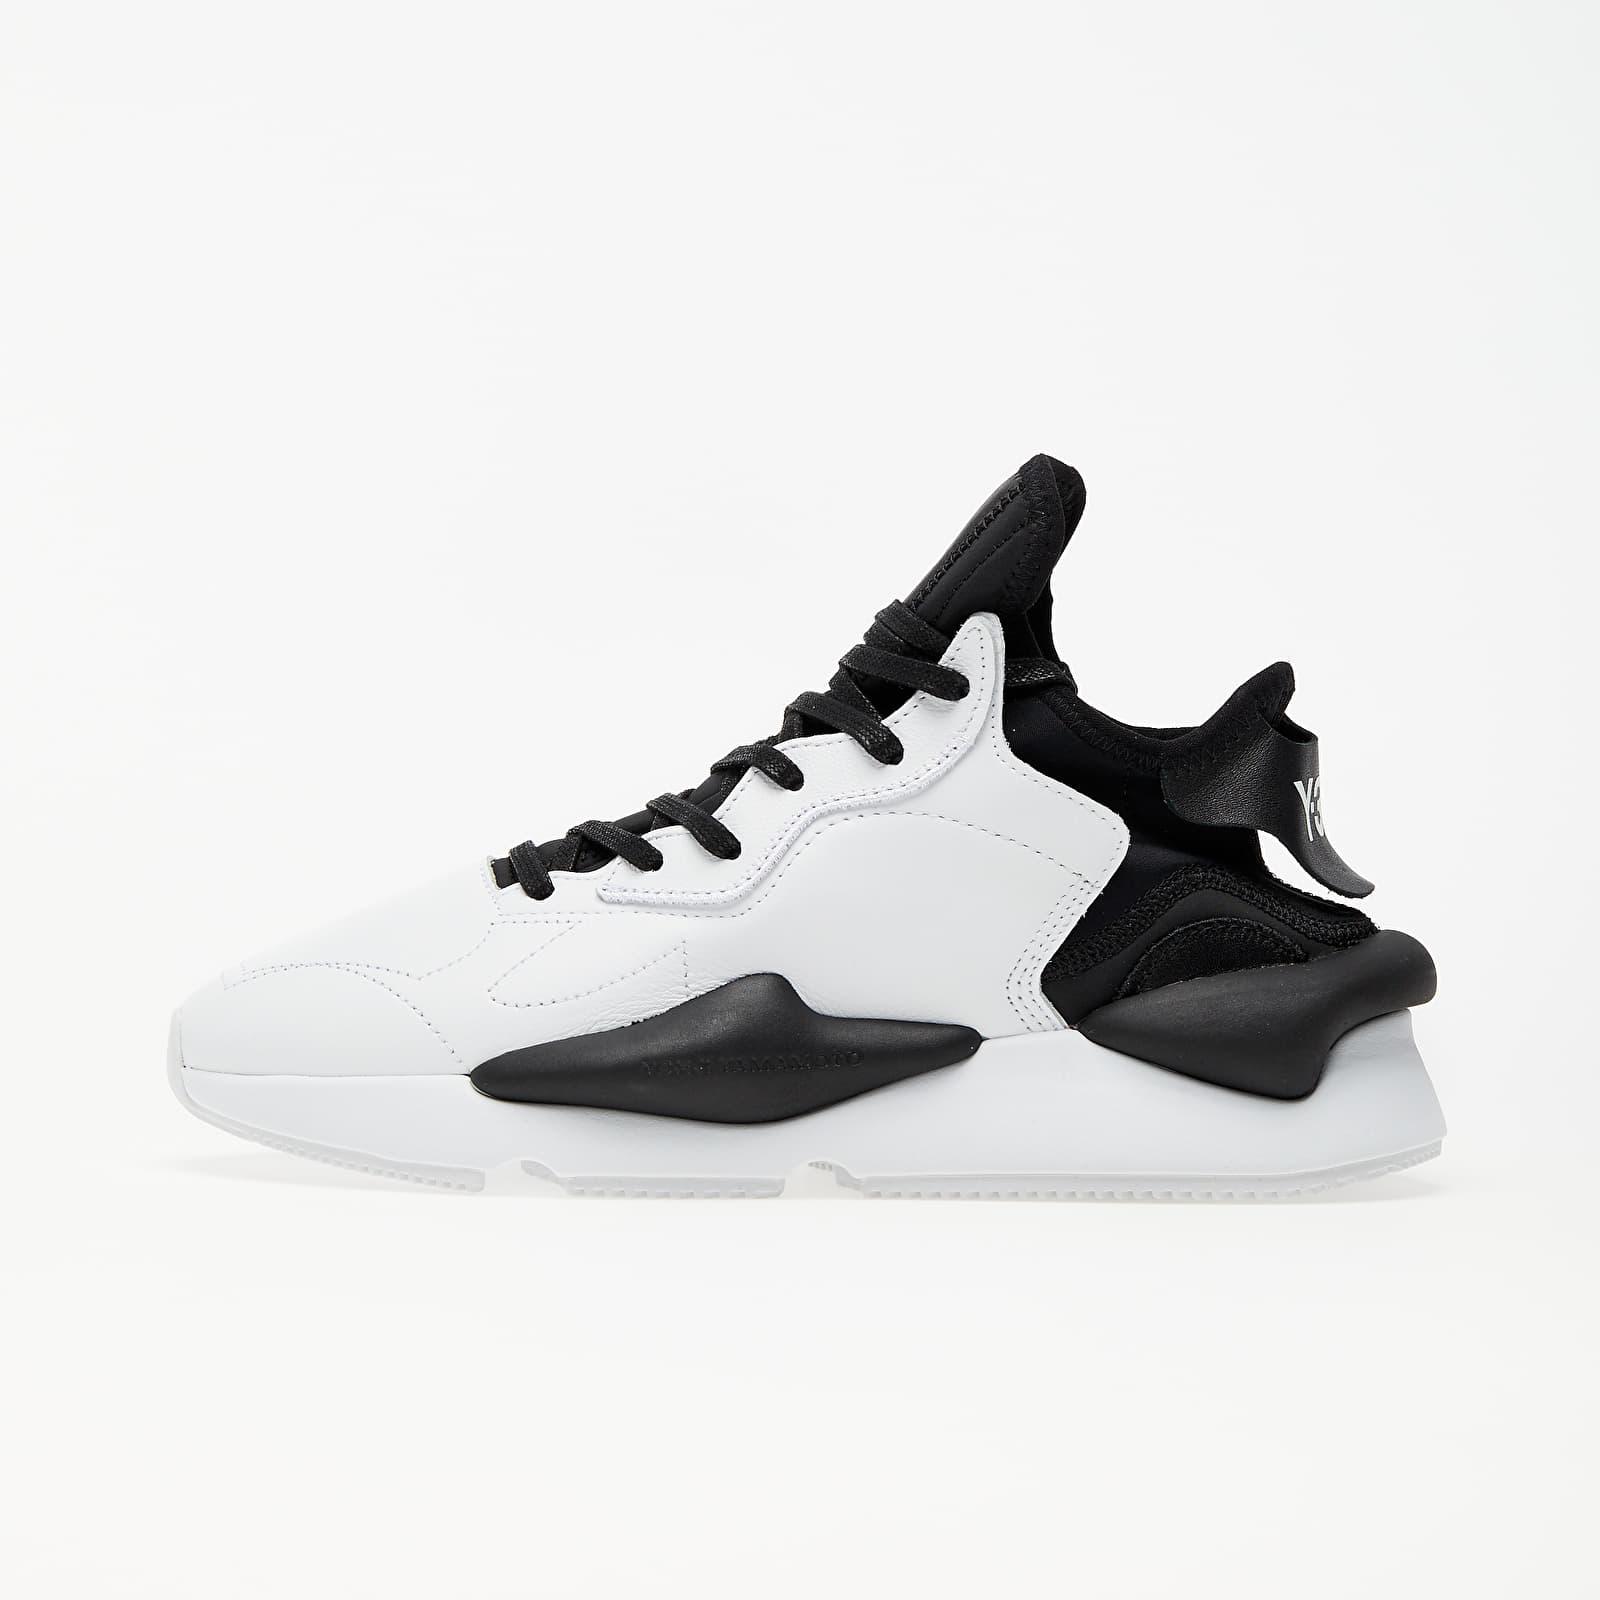 Férfi cipők Y-3 Kaiwa White/ None/ None